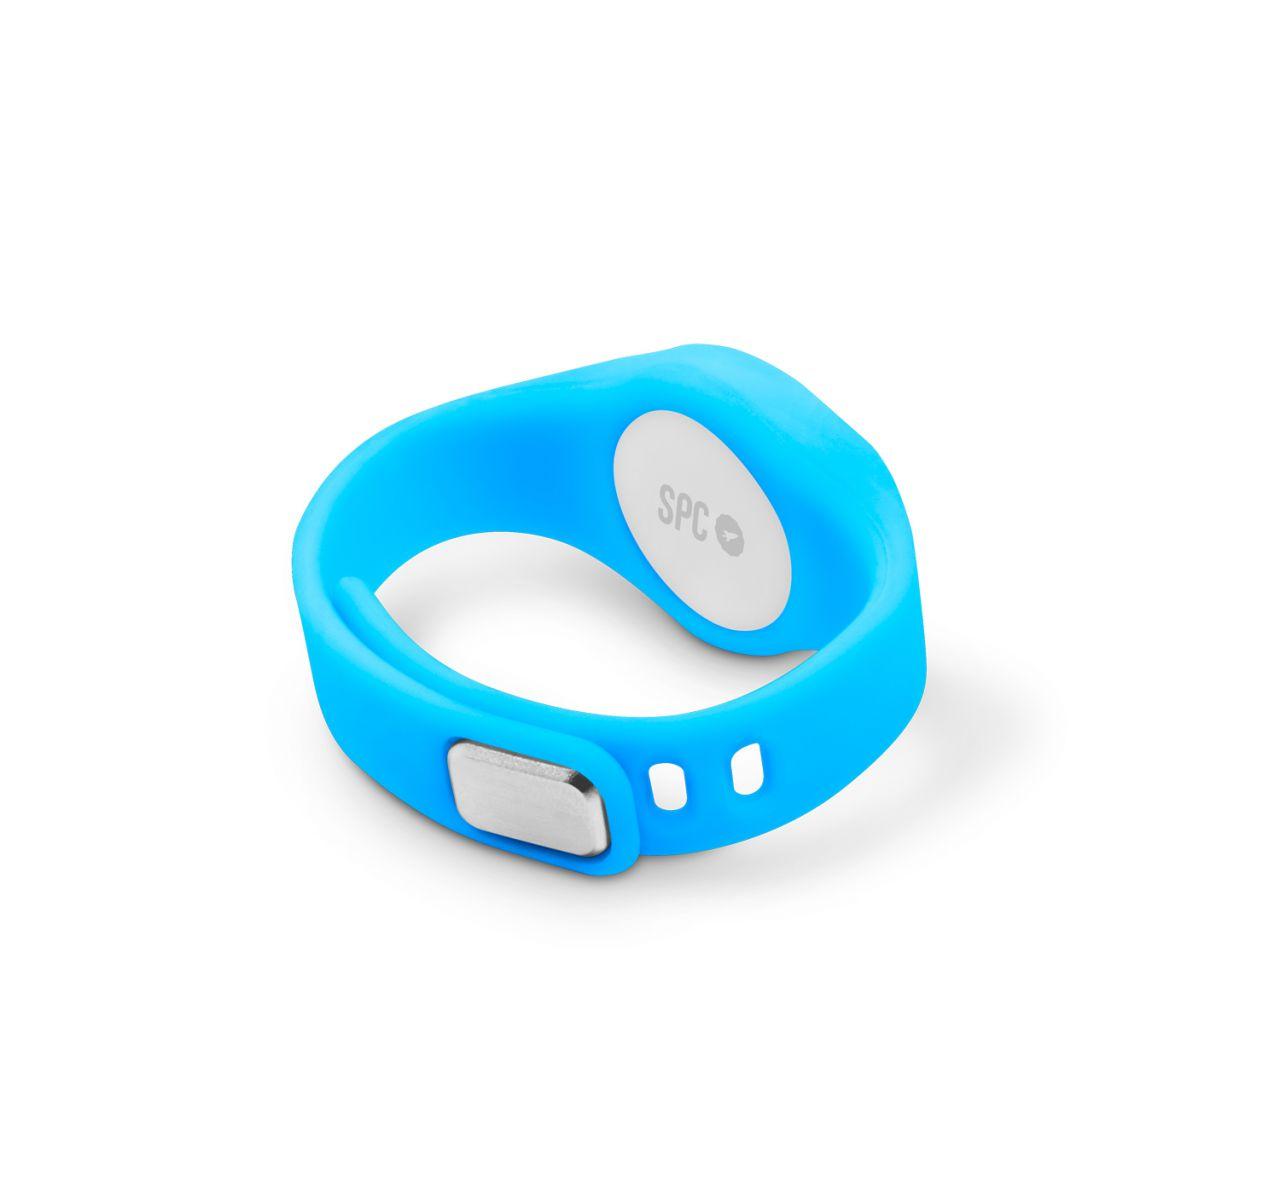 SPC Fit la nueva pulsera fitness Su precio:  desde 34,90€.